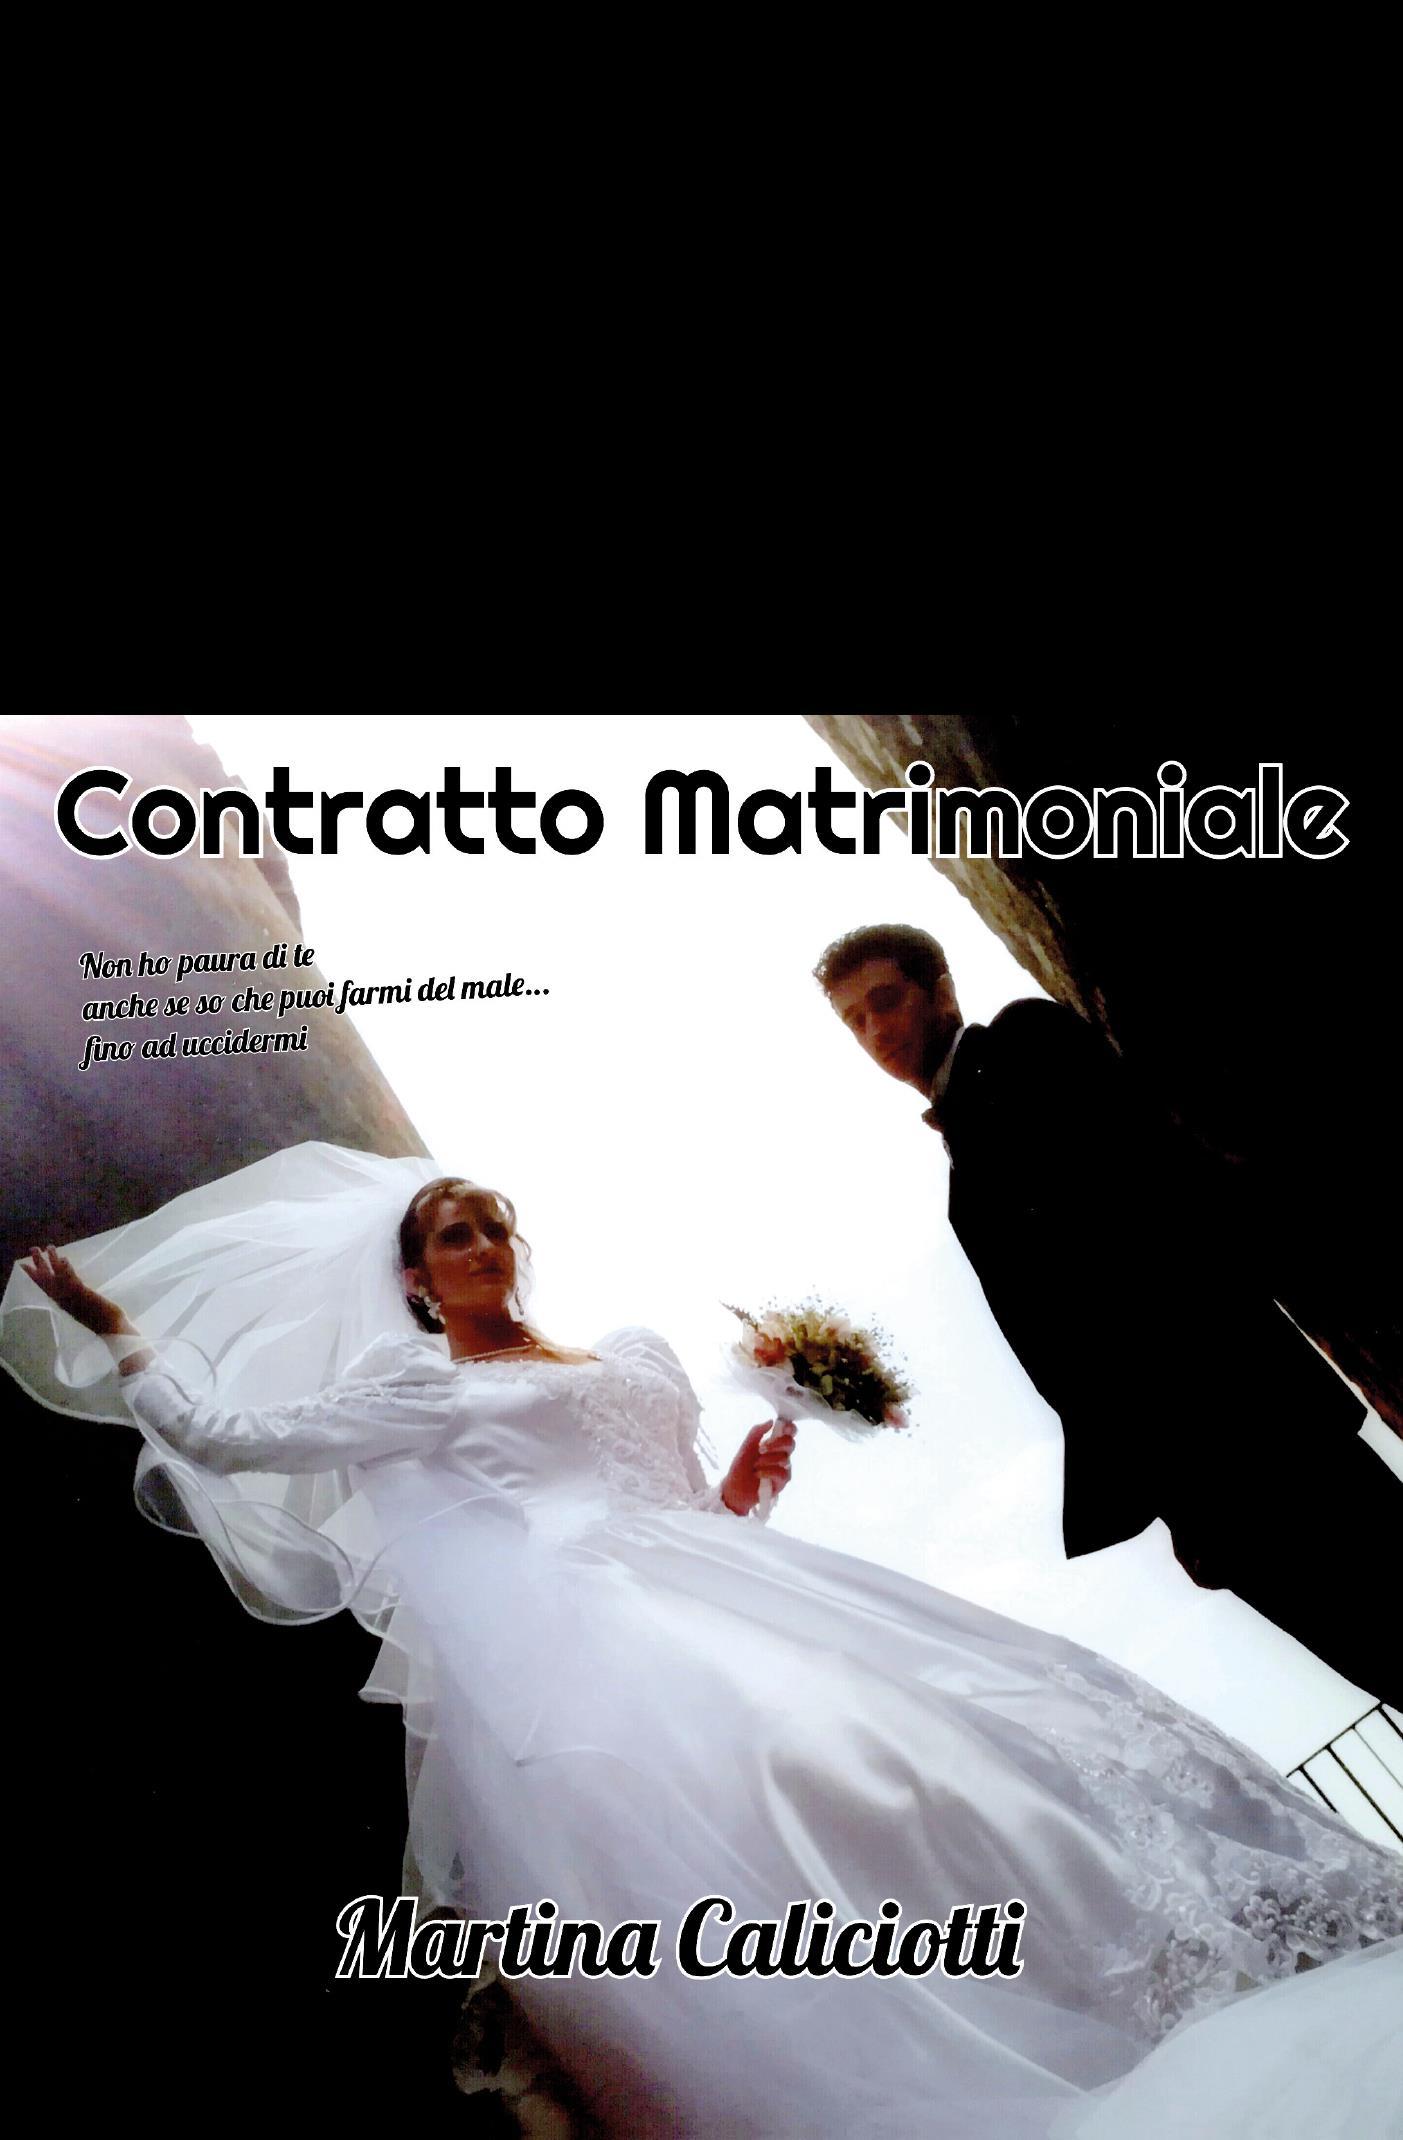 Contratto Matrimoniale